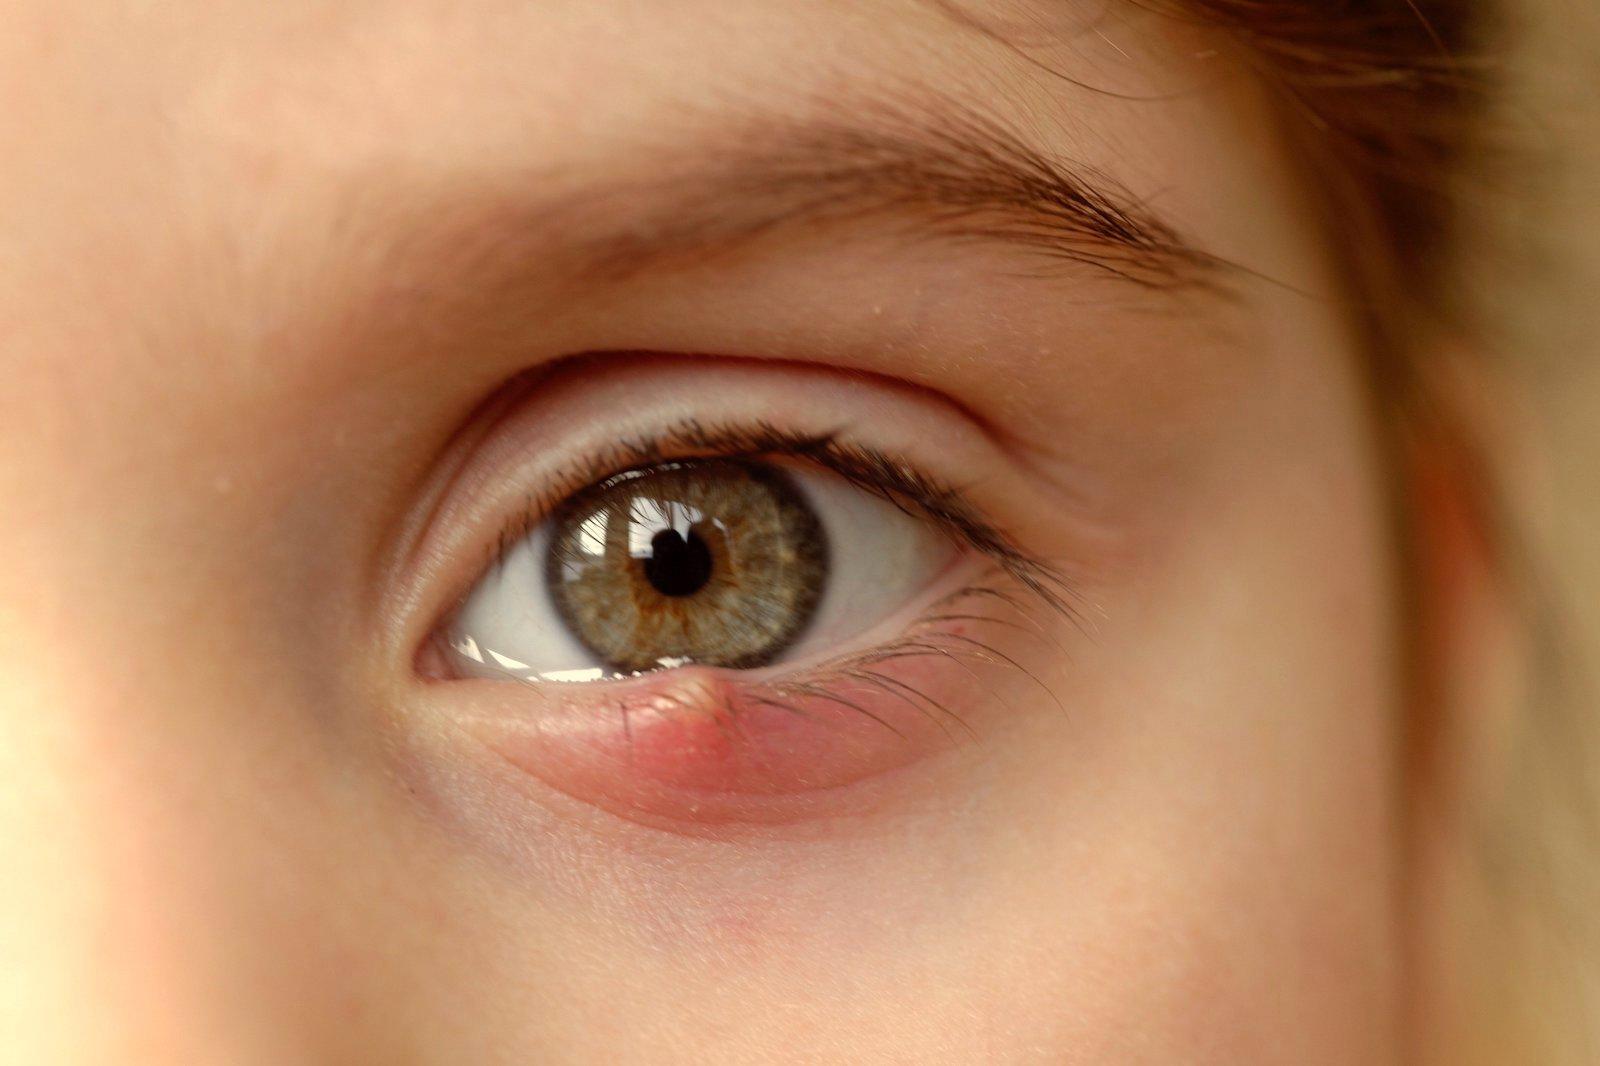 clinica de oftalmologie dr berghian timișoara restabiliți vederea